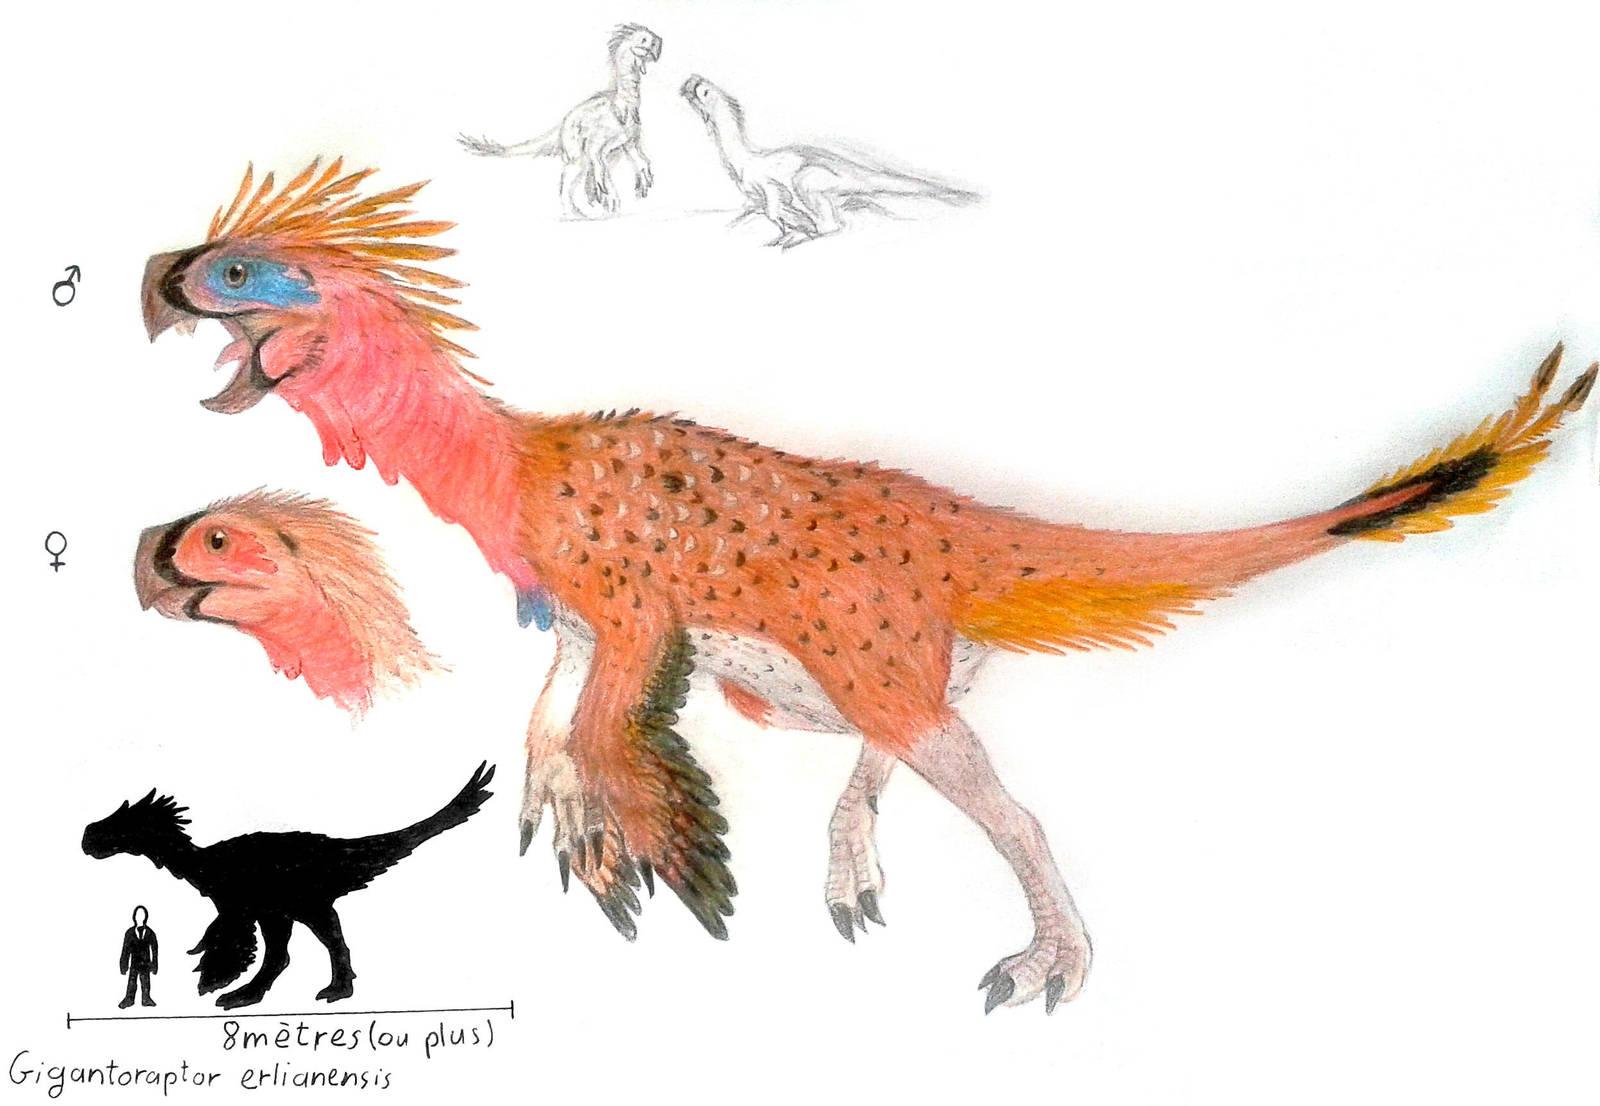 Gigantoraptor erlianensis by ZeWqt